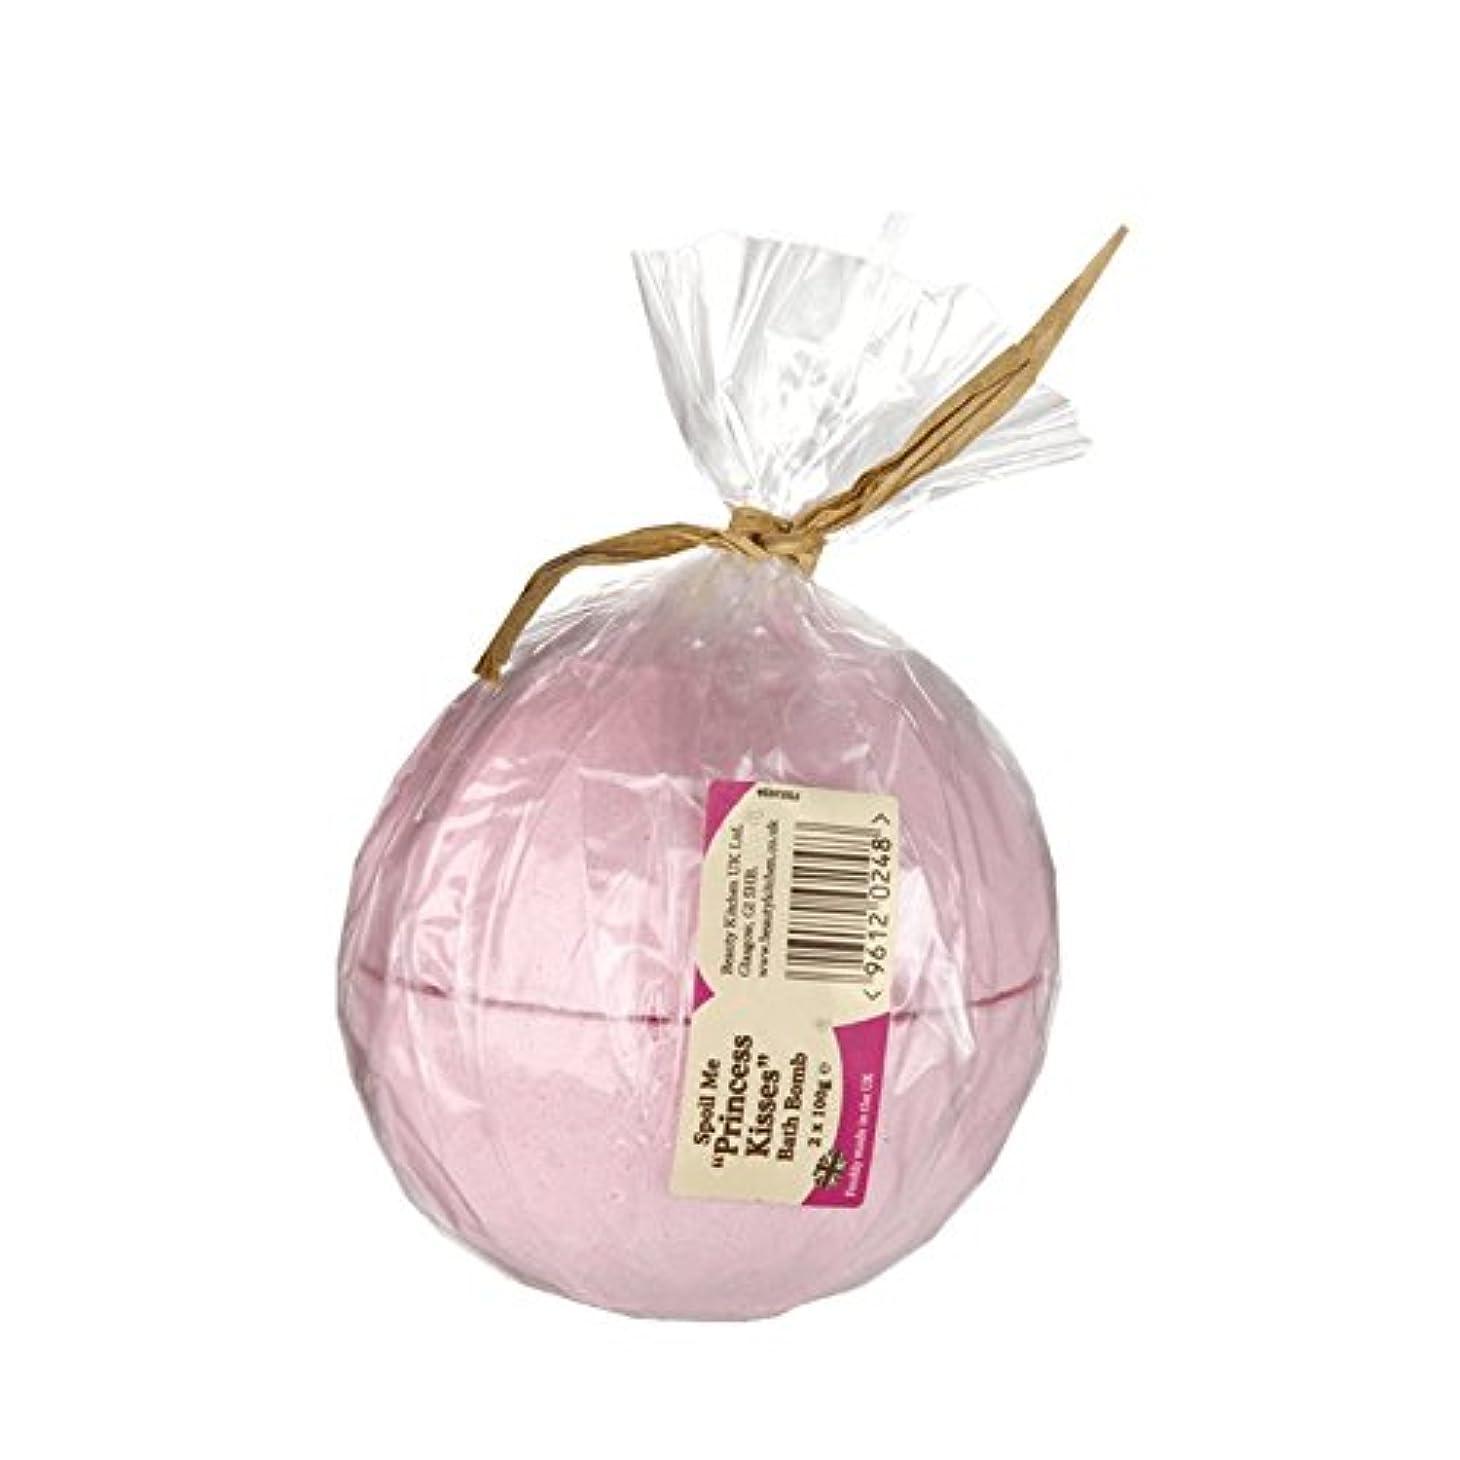 精査する反論者高度私台無し美容キッチン王女は、お風呂爆弾2×100グラムをキス - Beauty Kitchen Spoil Me Princess Kisses Bath Bomb 2 x 100g (Beauty Kitchen) [並行輸入品]